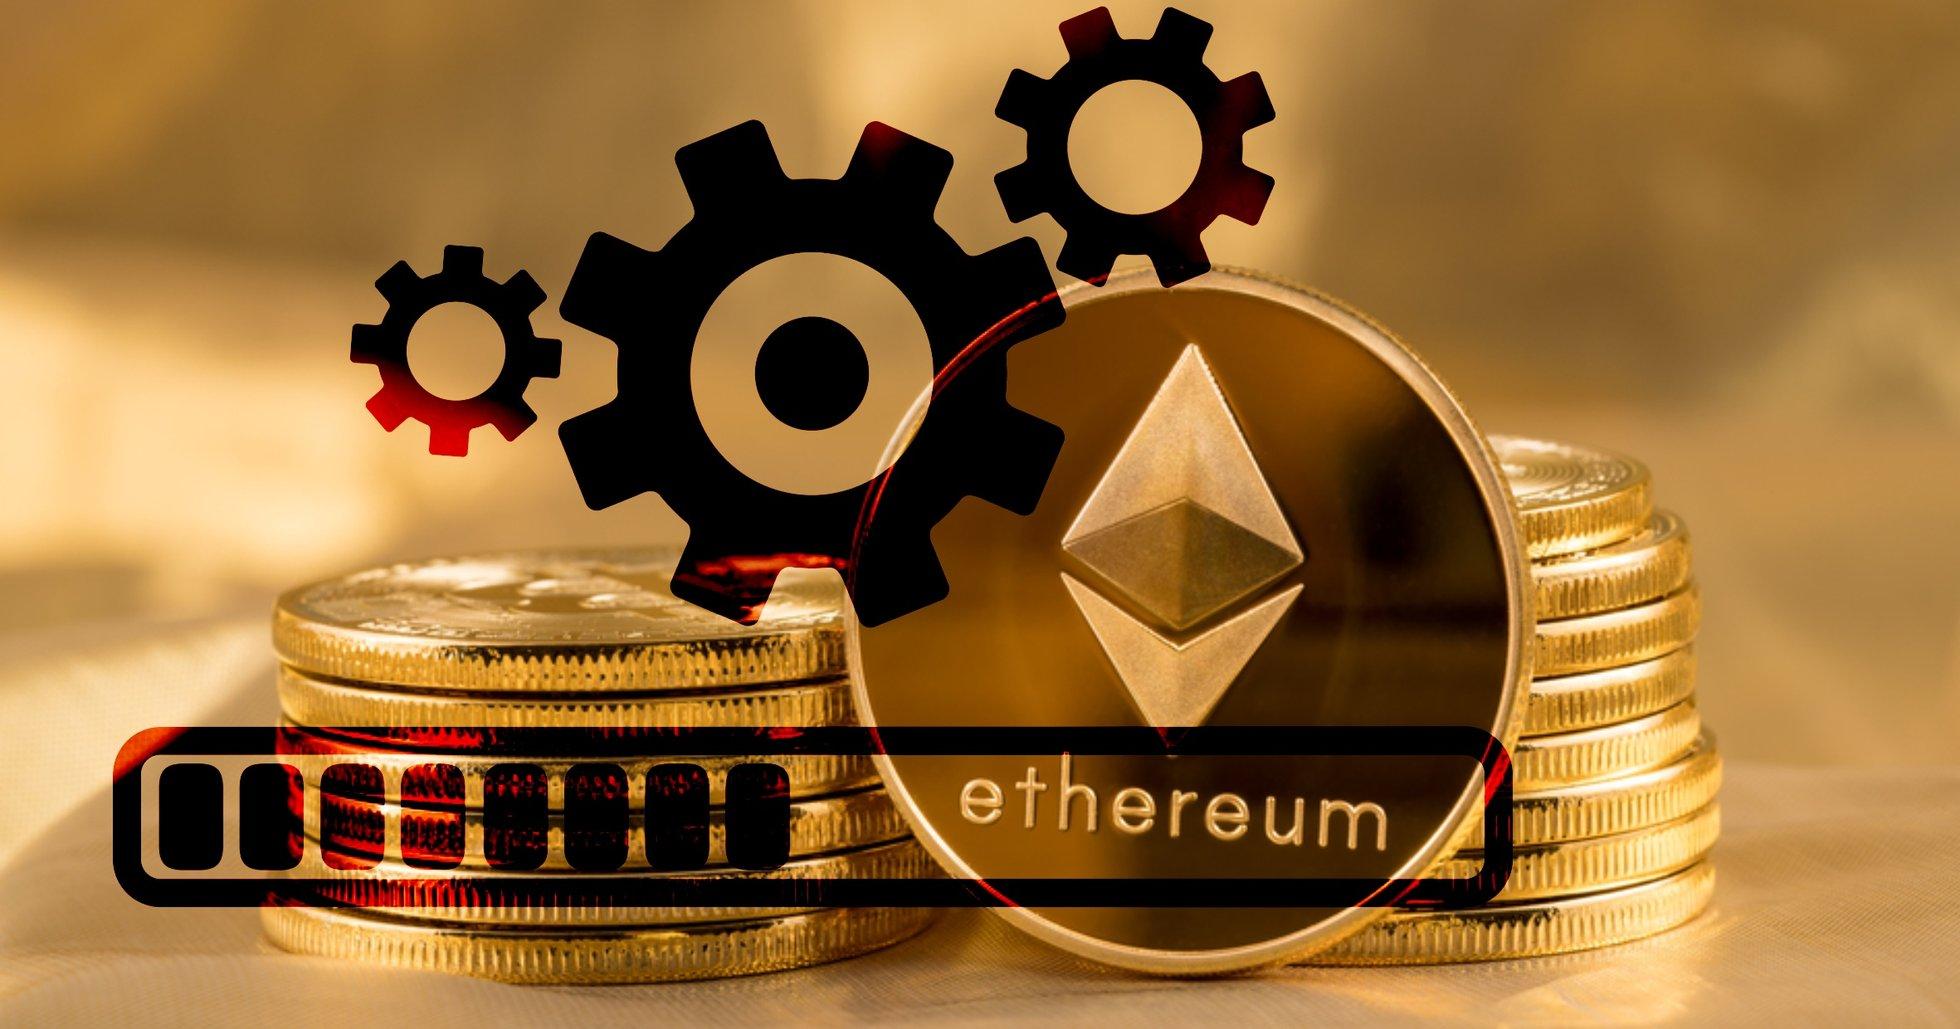 Nytt planerat lanseringsdatum för ethereums stora uppdatering: Juli 2020